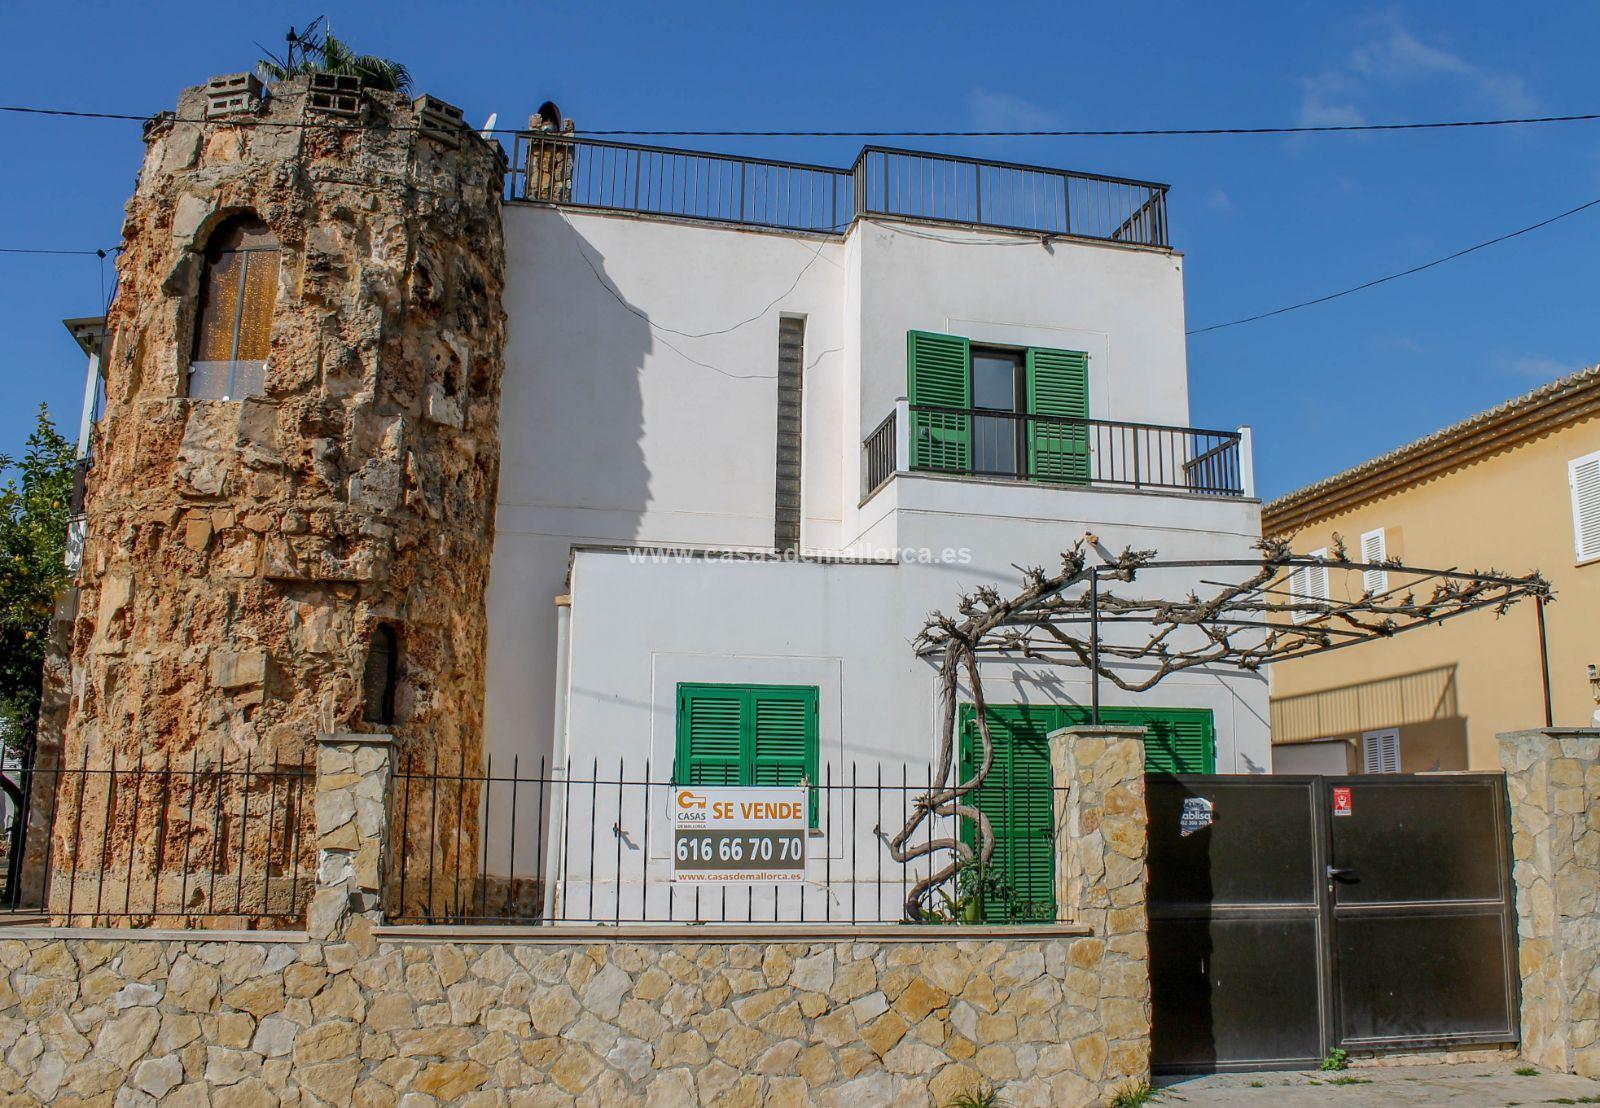 DETACHED HOUSE in PALMA DE MALLORCA